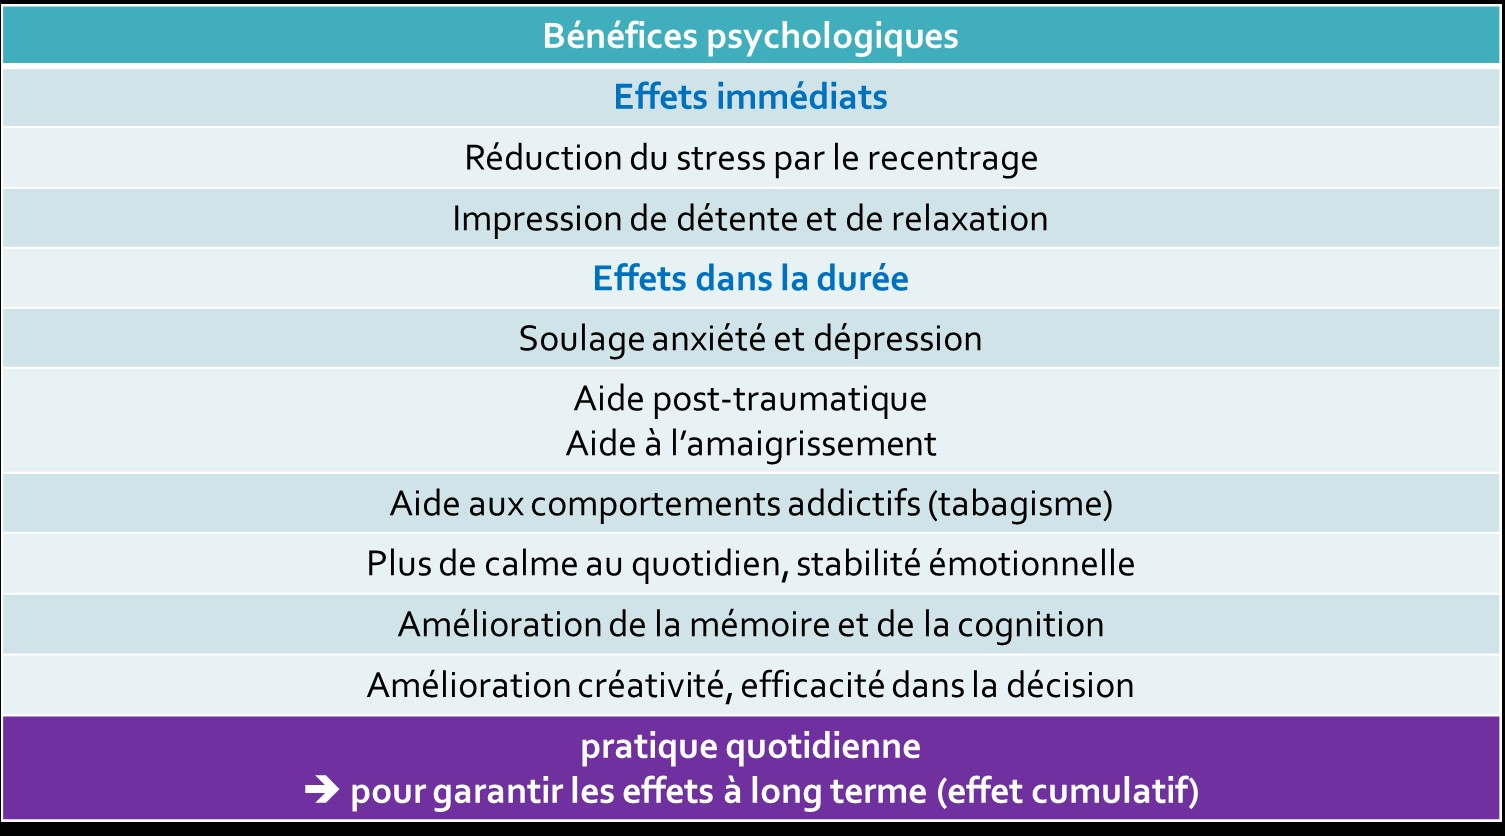 bénéfices psychologiques de la cohérence cardiaque